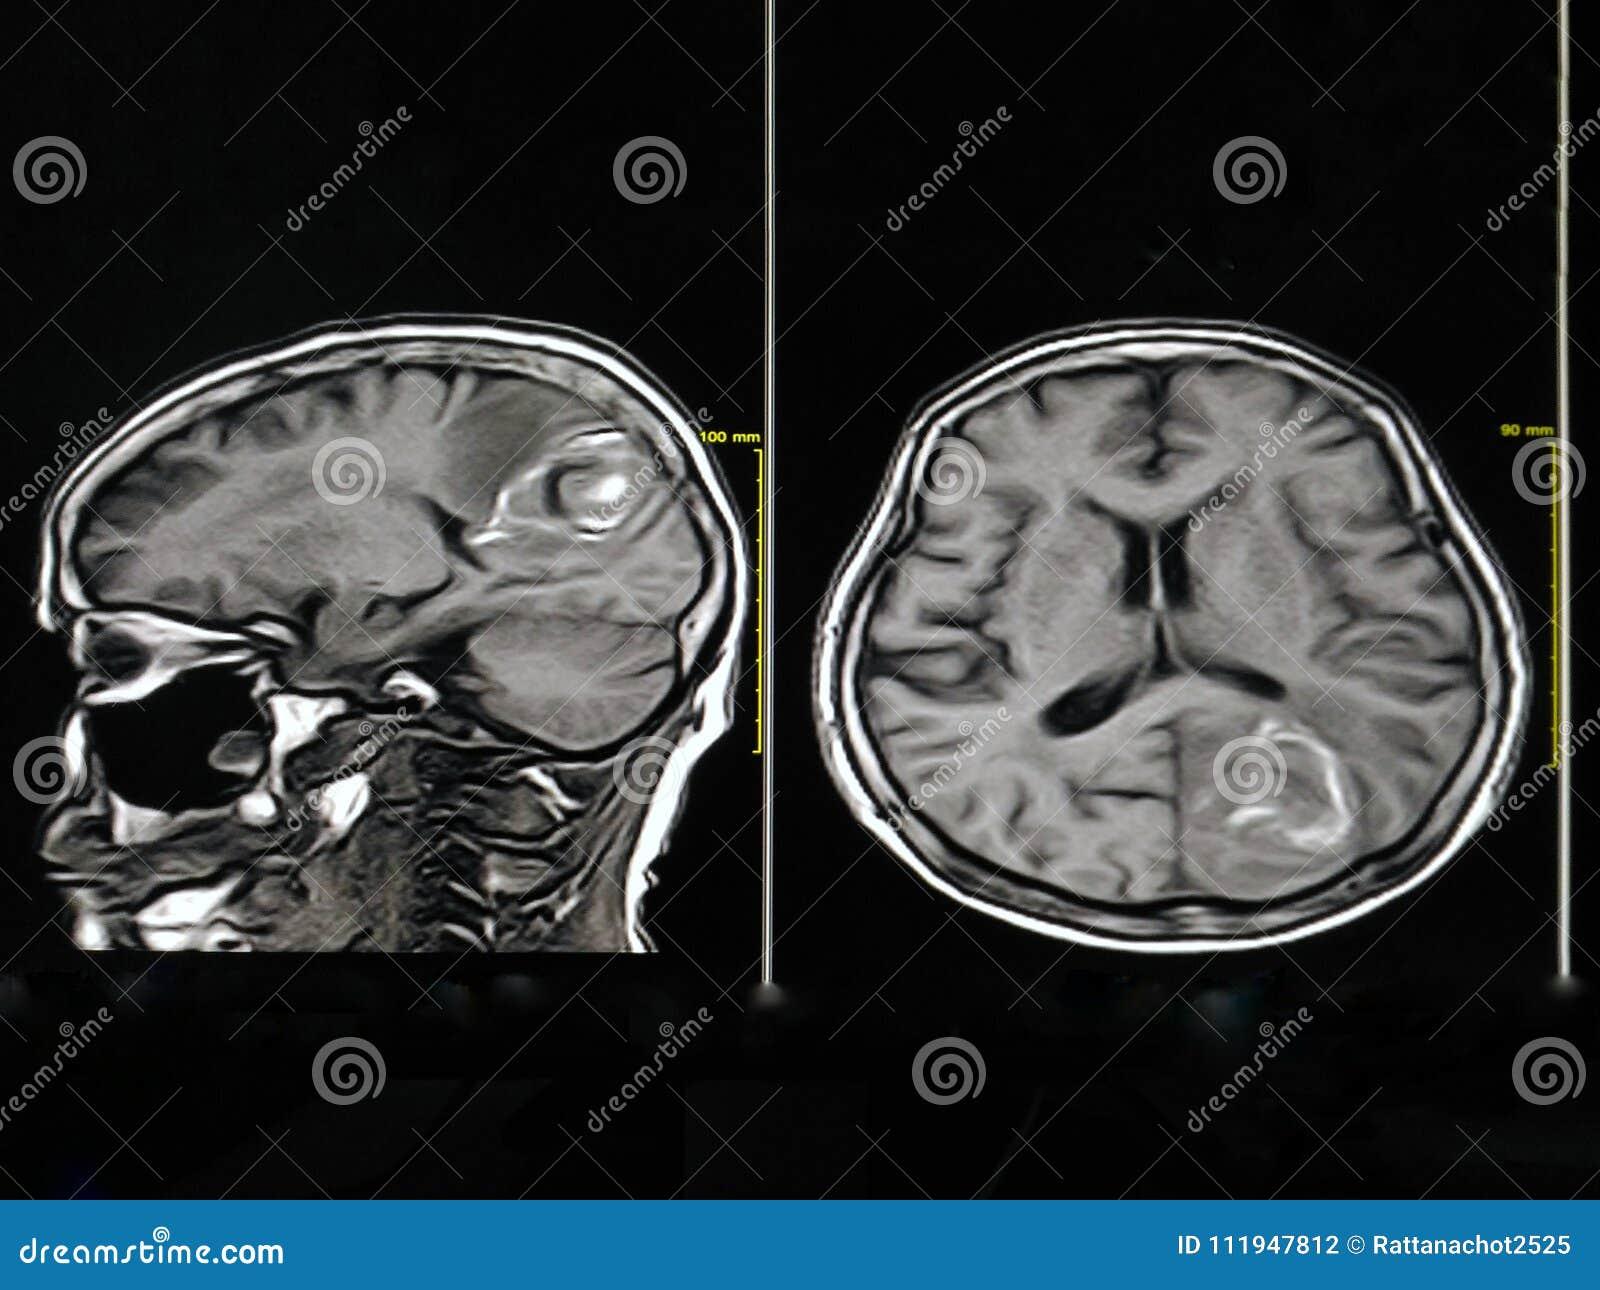 Groß Mri Anatomie Des Gehirns Fotos - Anatomie Von Menschlichen ...